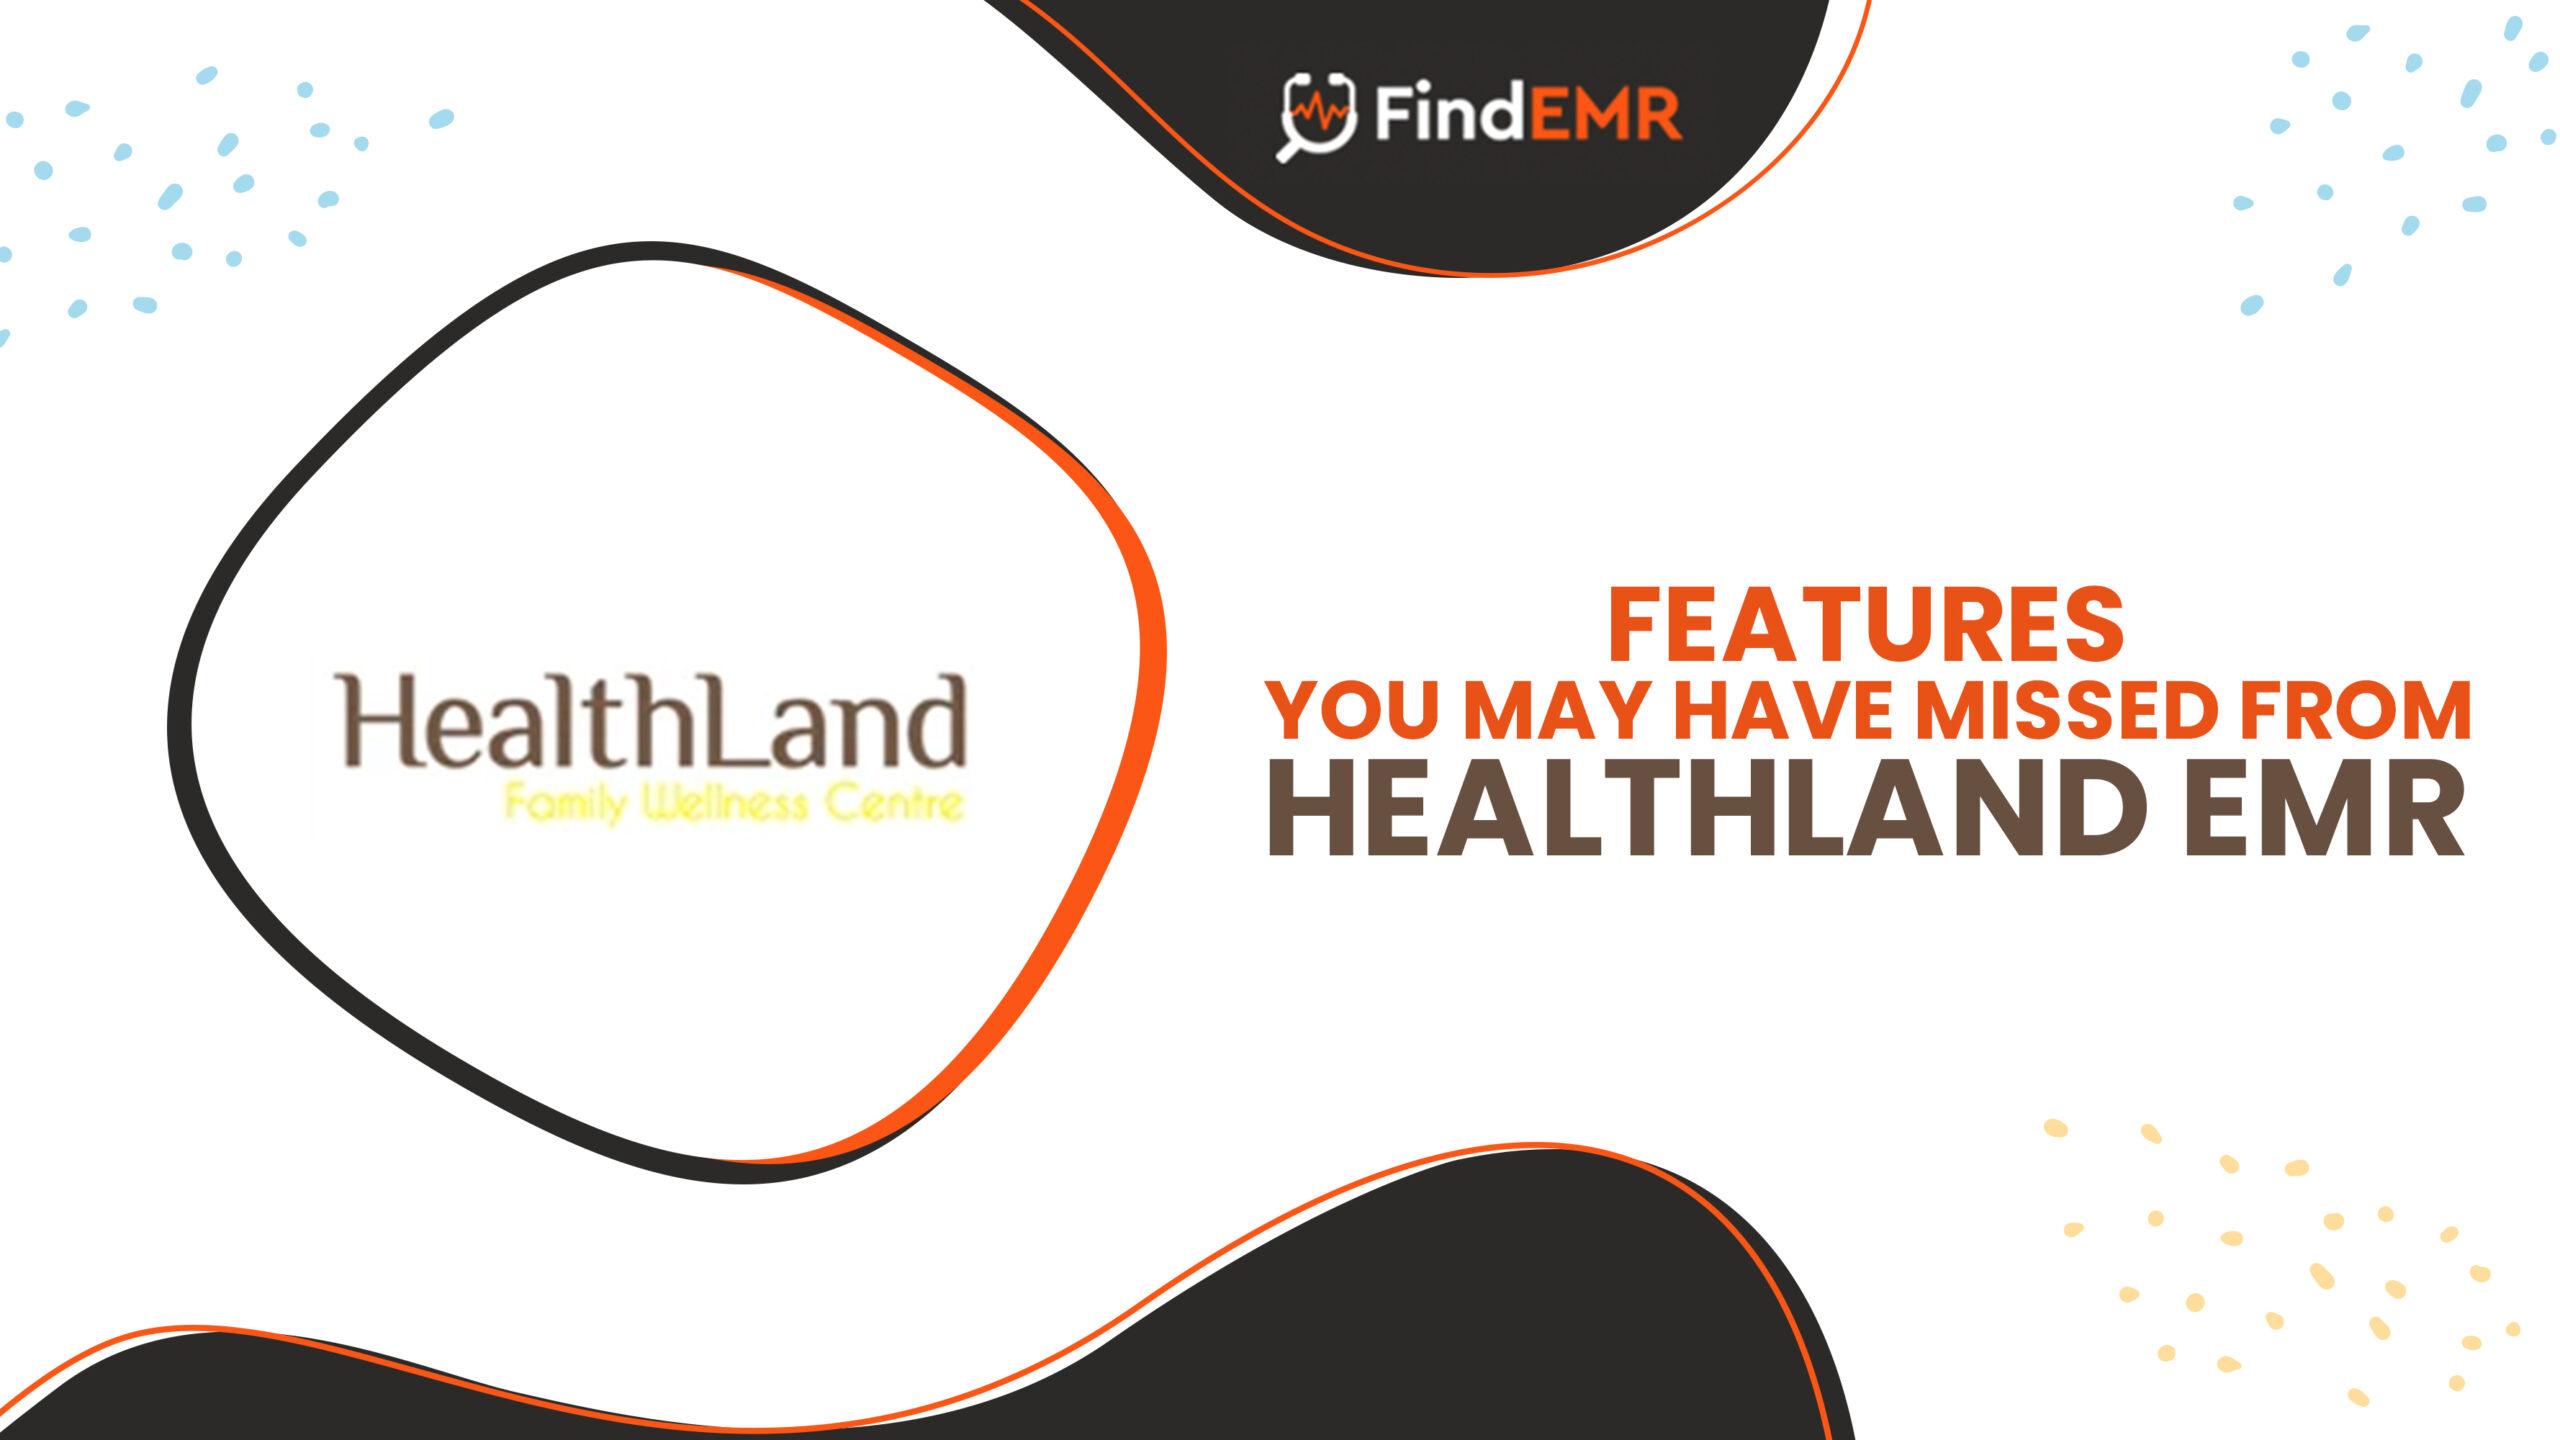 Healthland EMR